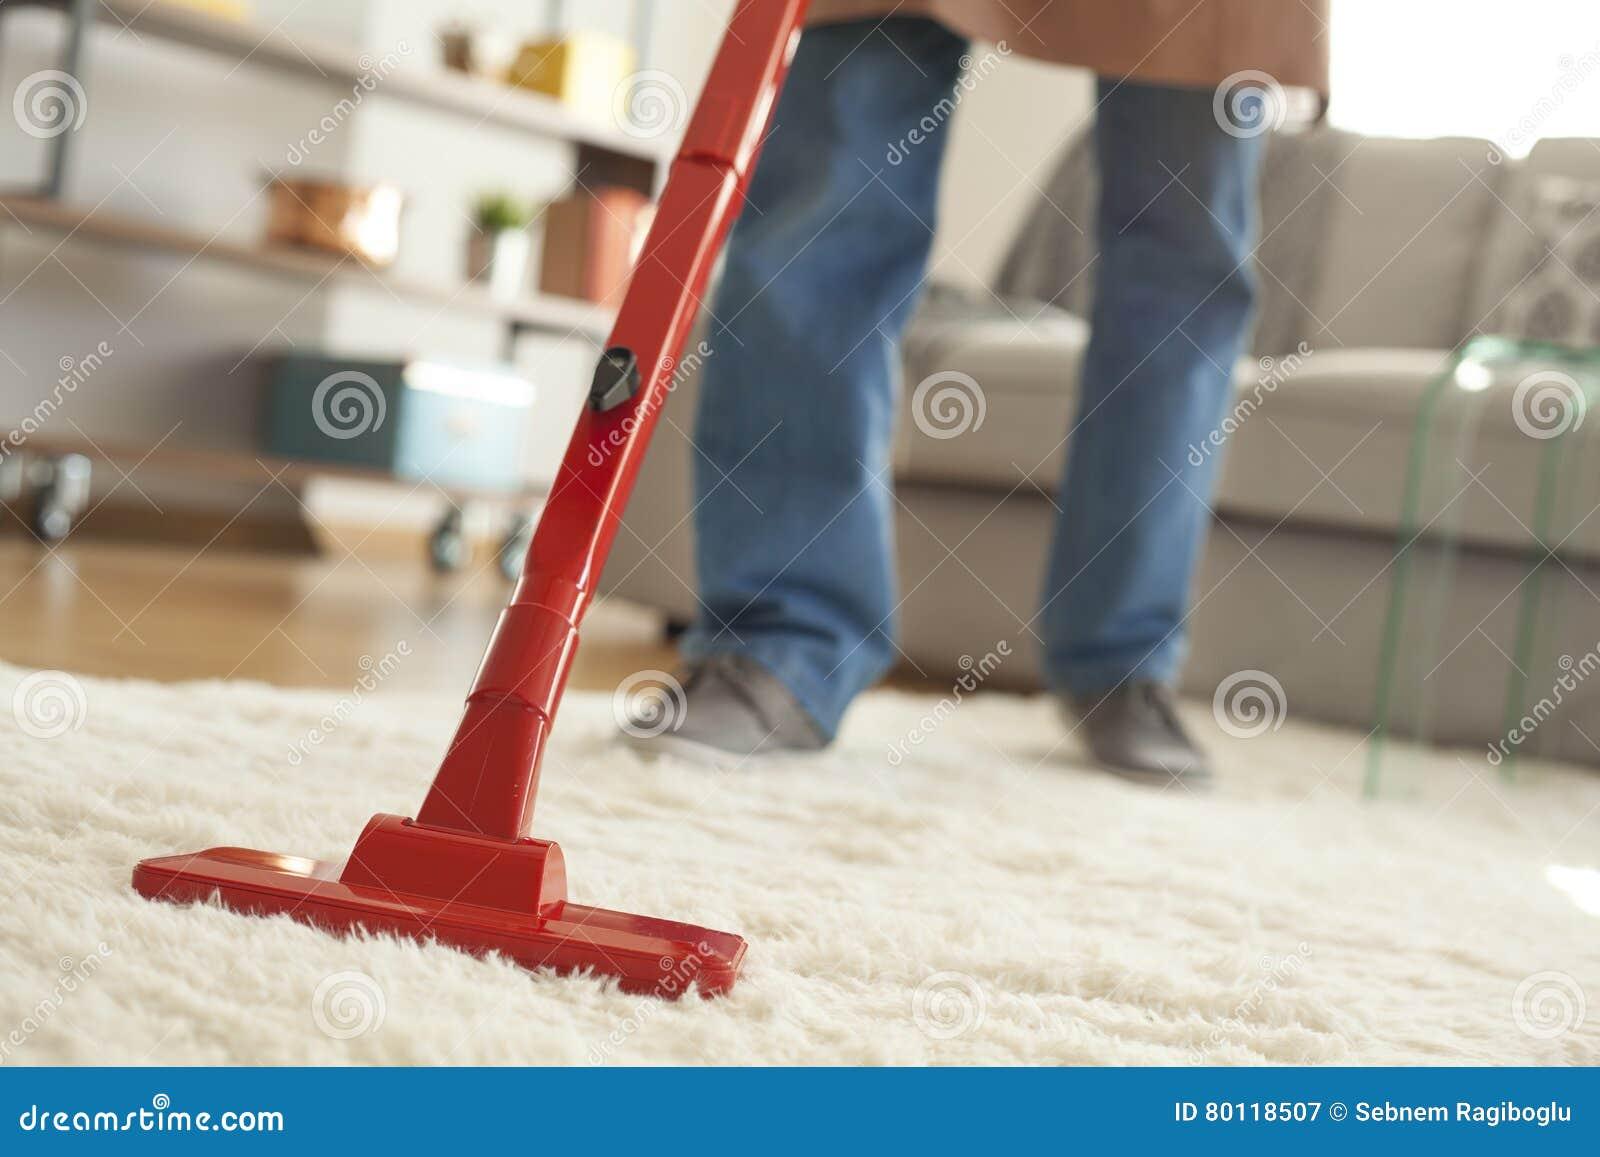 Équipez le tapis de nettoyage avec un aspirateur dans la chambre